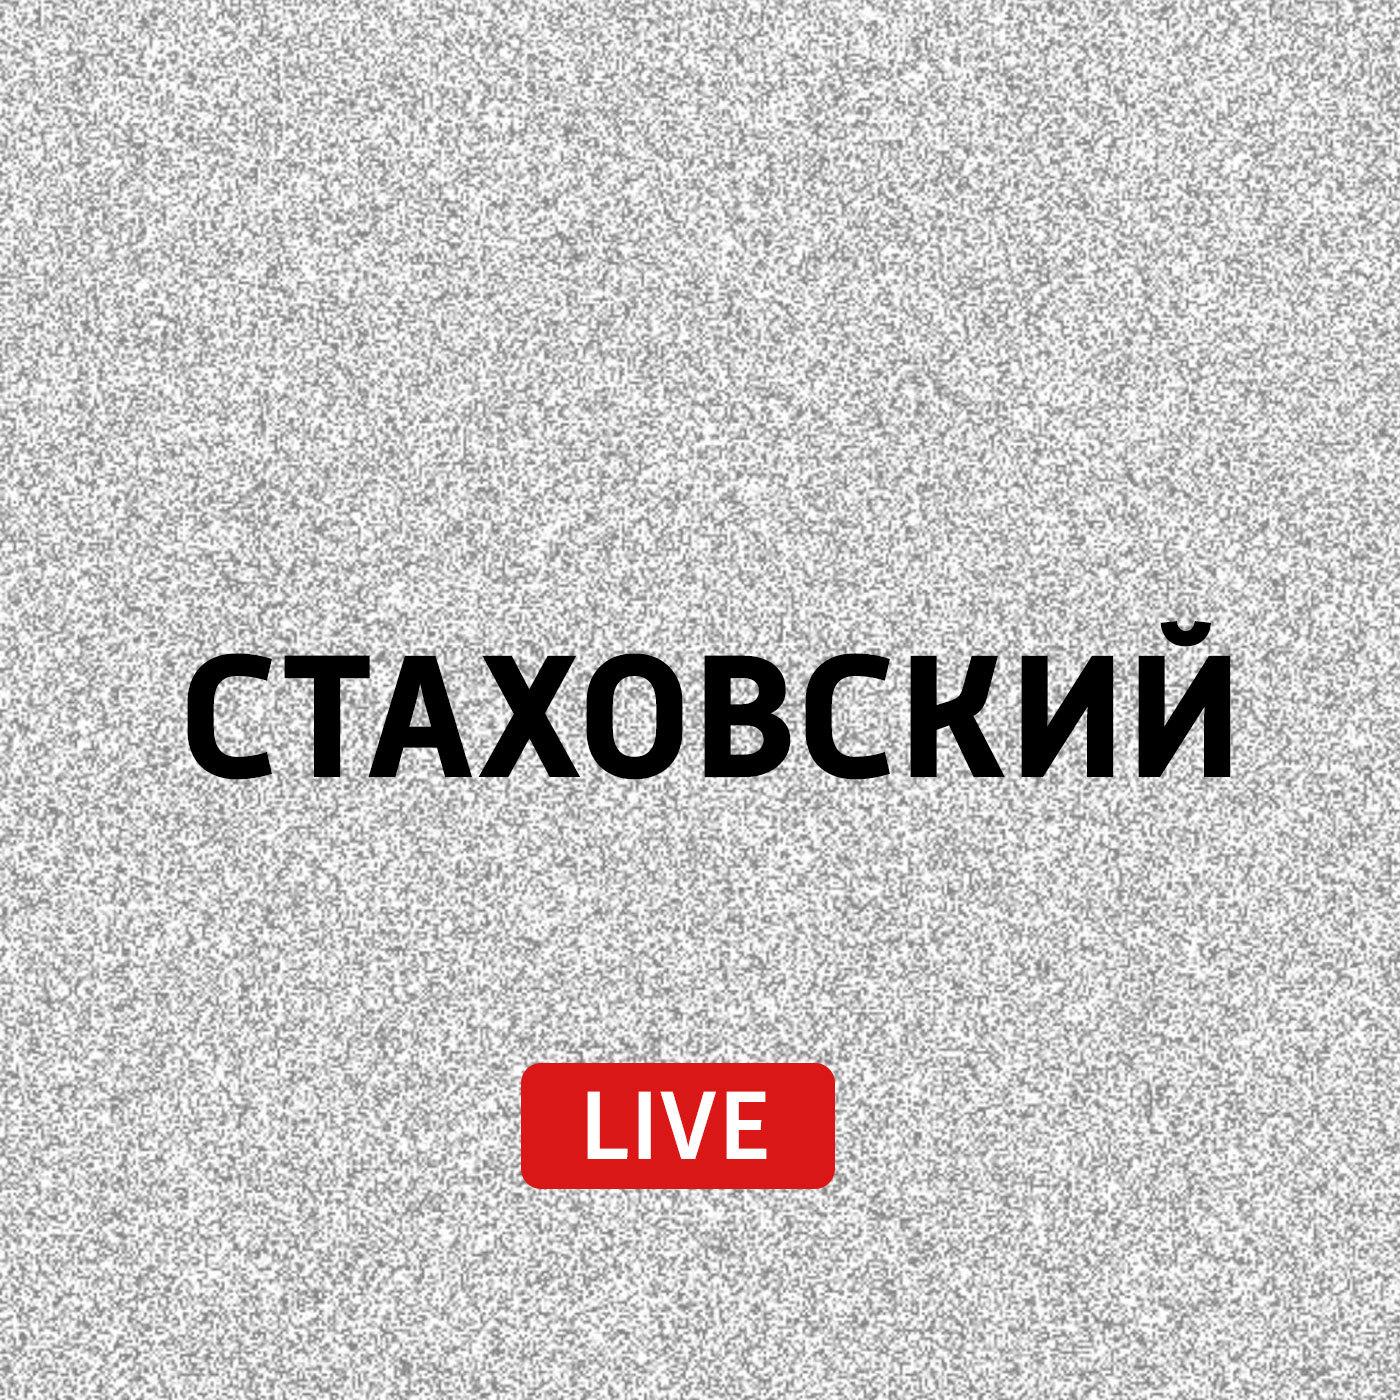 Евгений Стаховский Русская культура и русофобия серова м смерть в прямом эфире